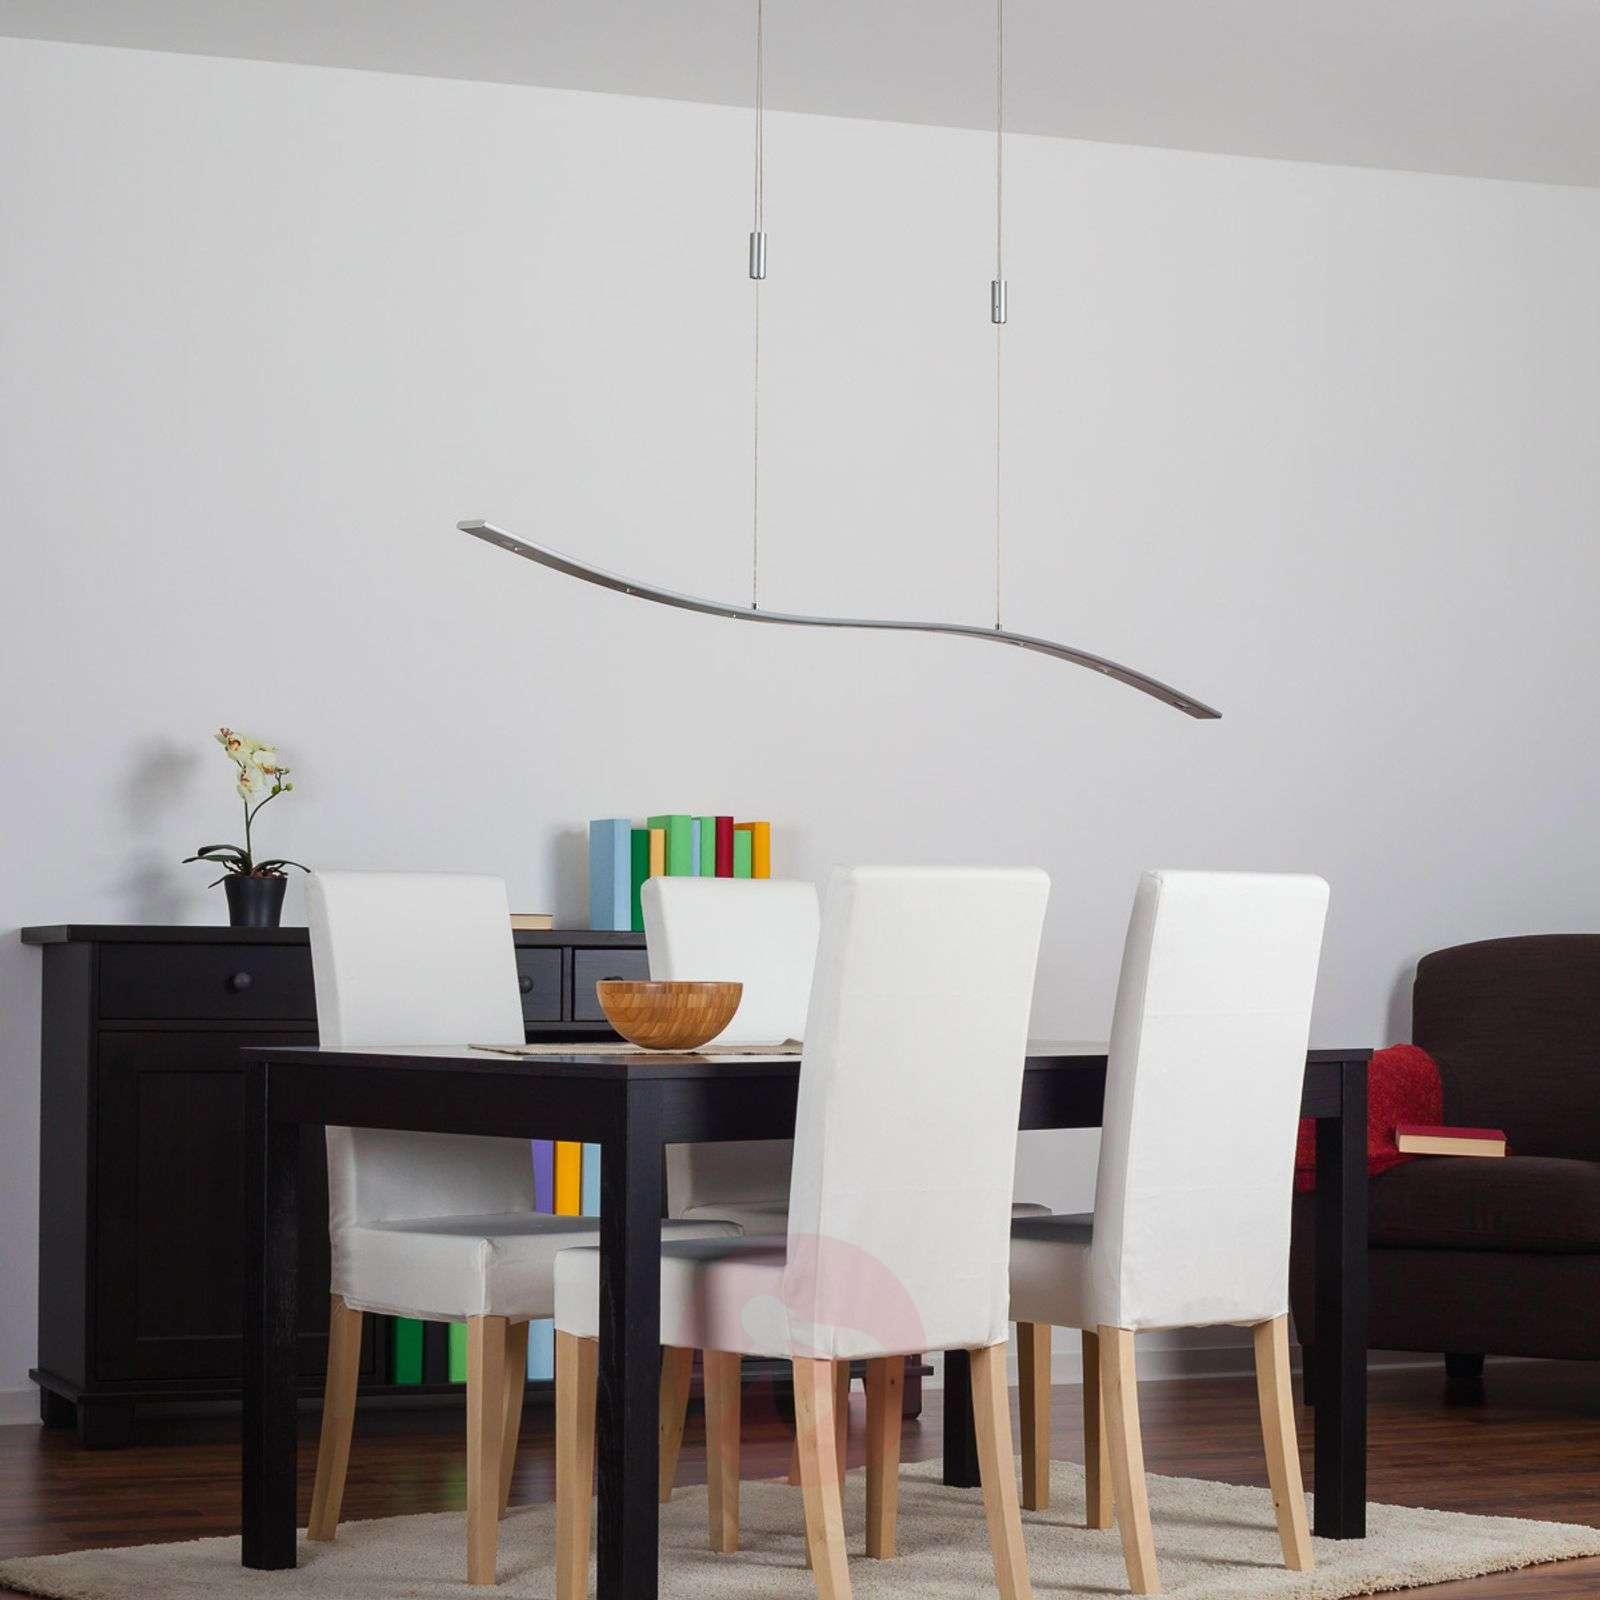 Xalu korkeussäädettävä LED-kattovalaisin, 160 cm-6722012-01